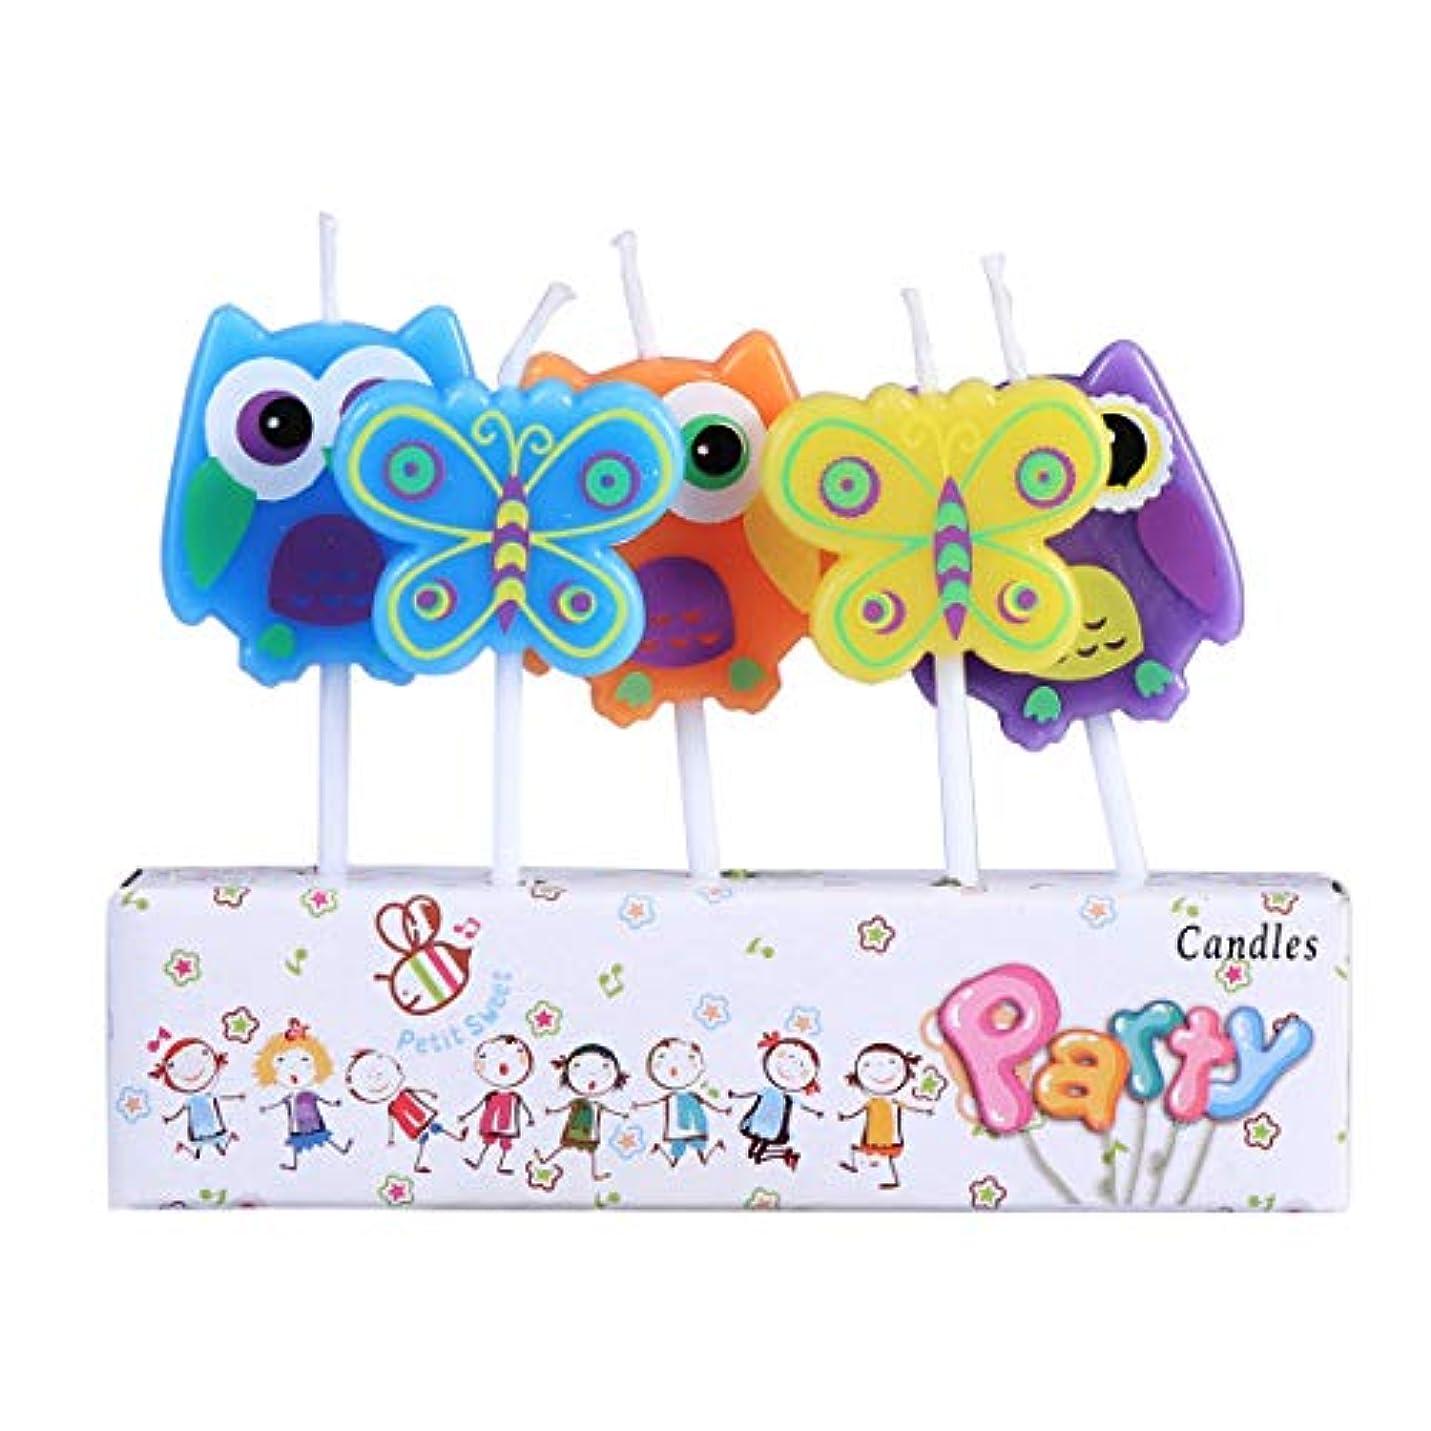 費用生産性ピアノBESTOYARD 子供の誕生日の装飾のための5本の動物の誕生日ケーキのろうそく(フクロウ蝶形)